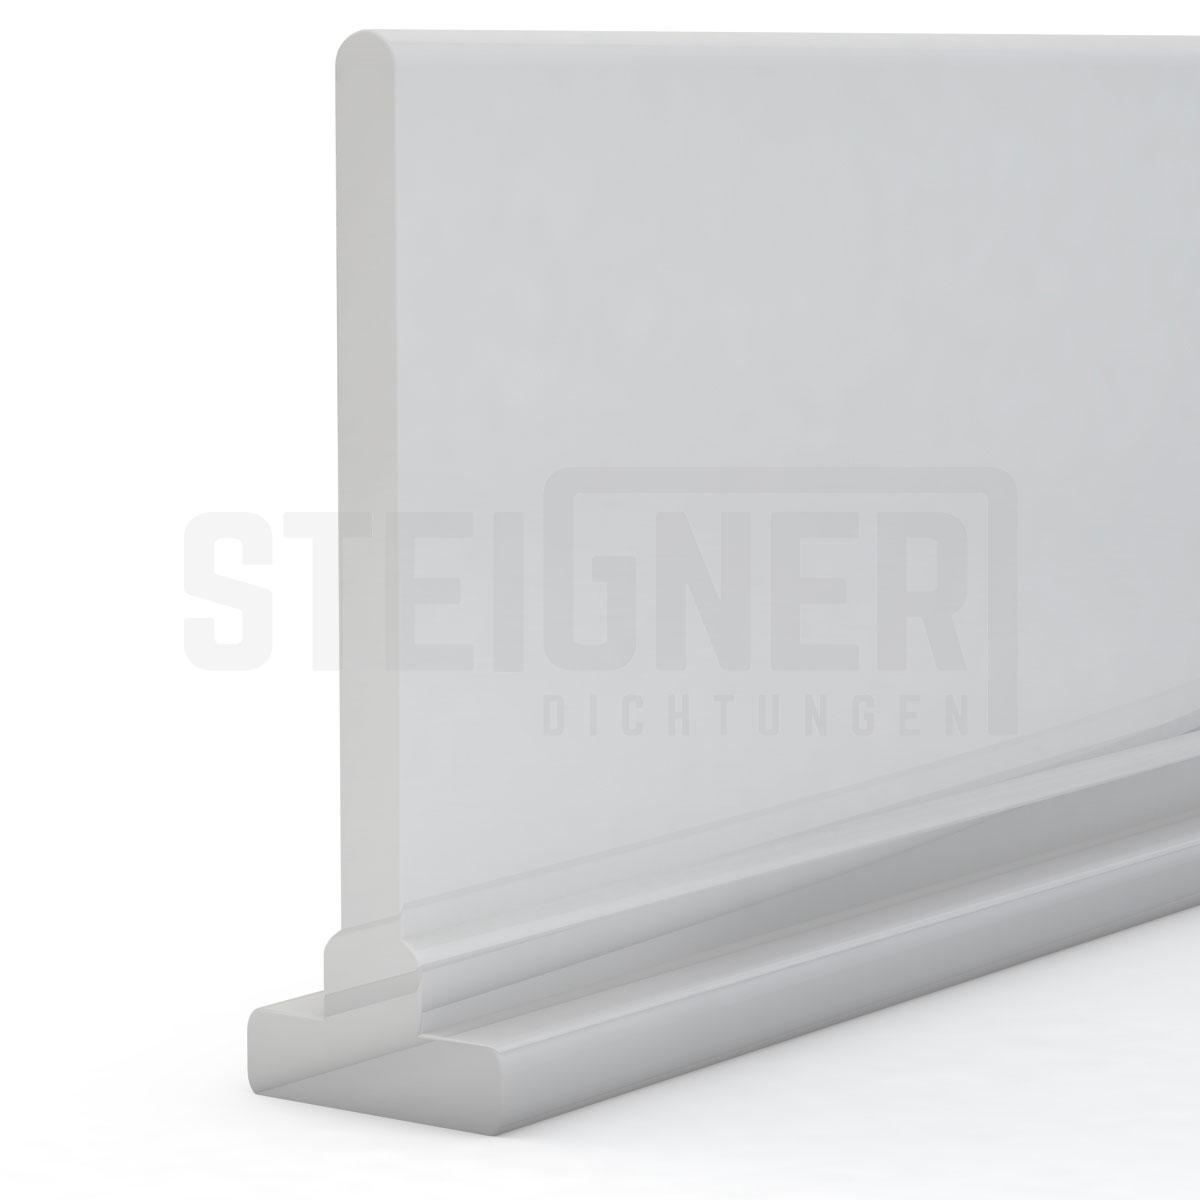 duschdichtung dichtung wasserabweiser duschkabine duscht r glas dichtprofil bad ebay. Black Bedroom Furniture Sets. Home Design Ideas